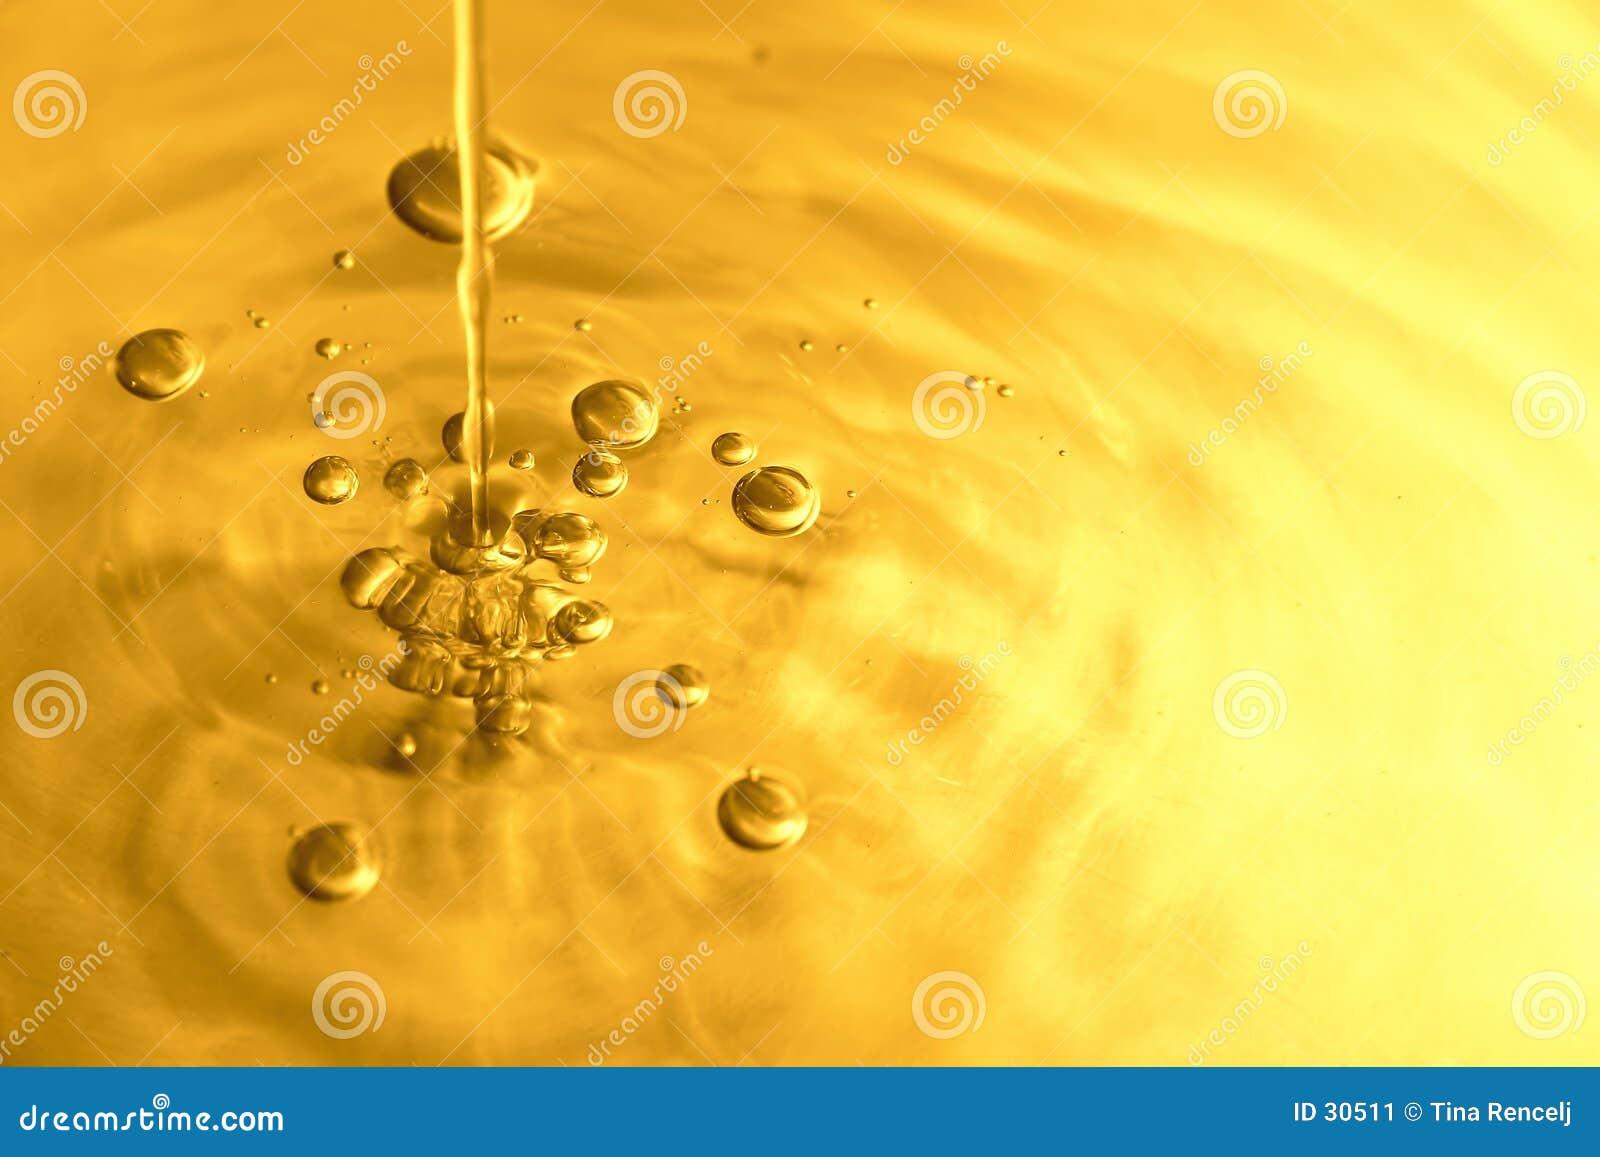 клокочет вода iv